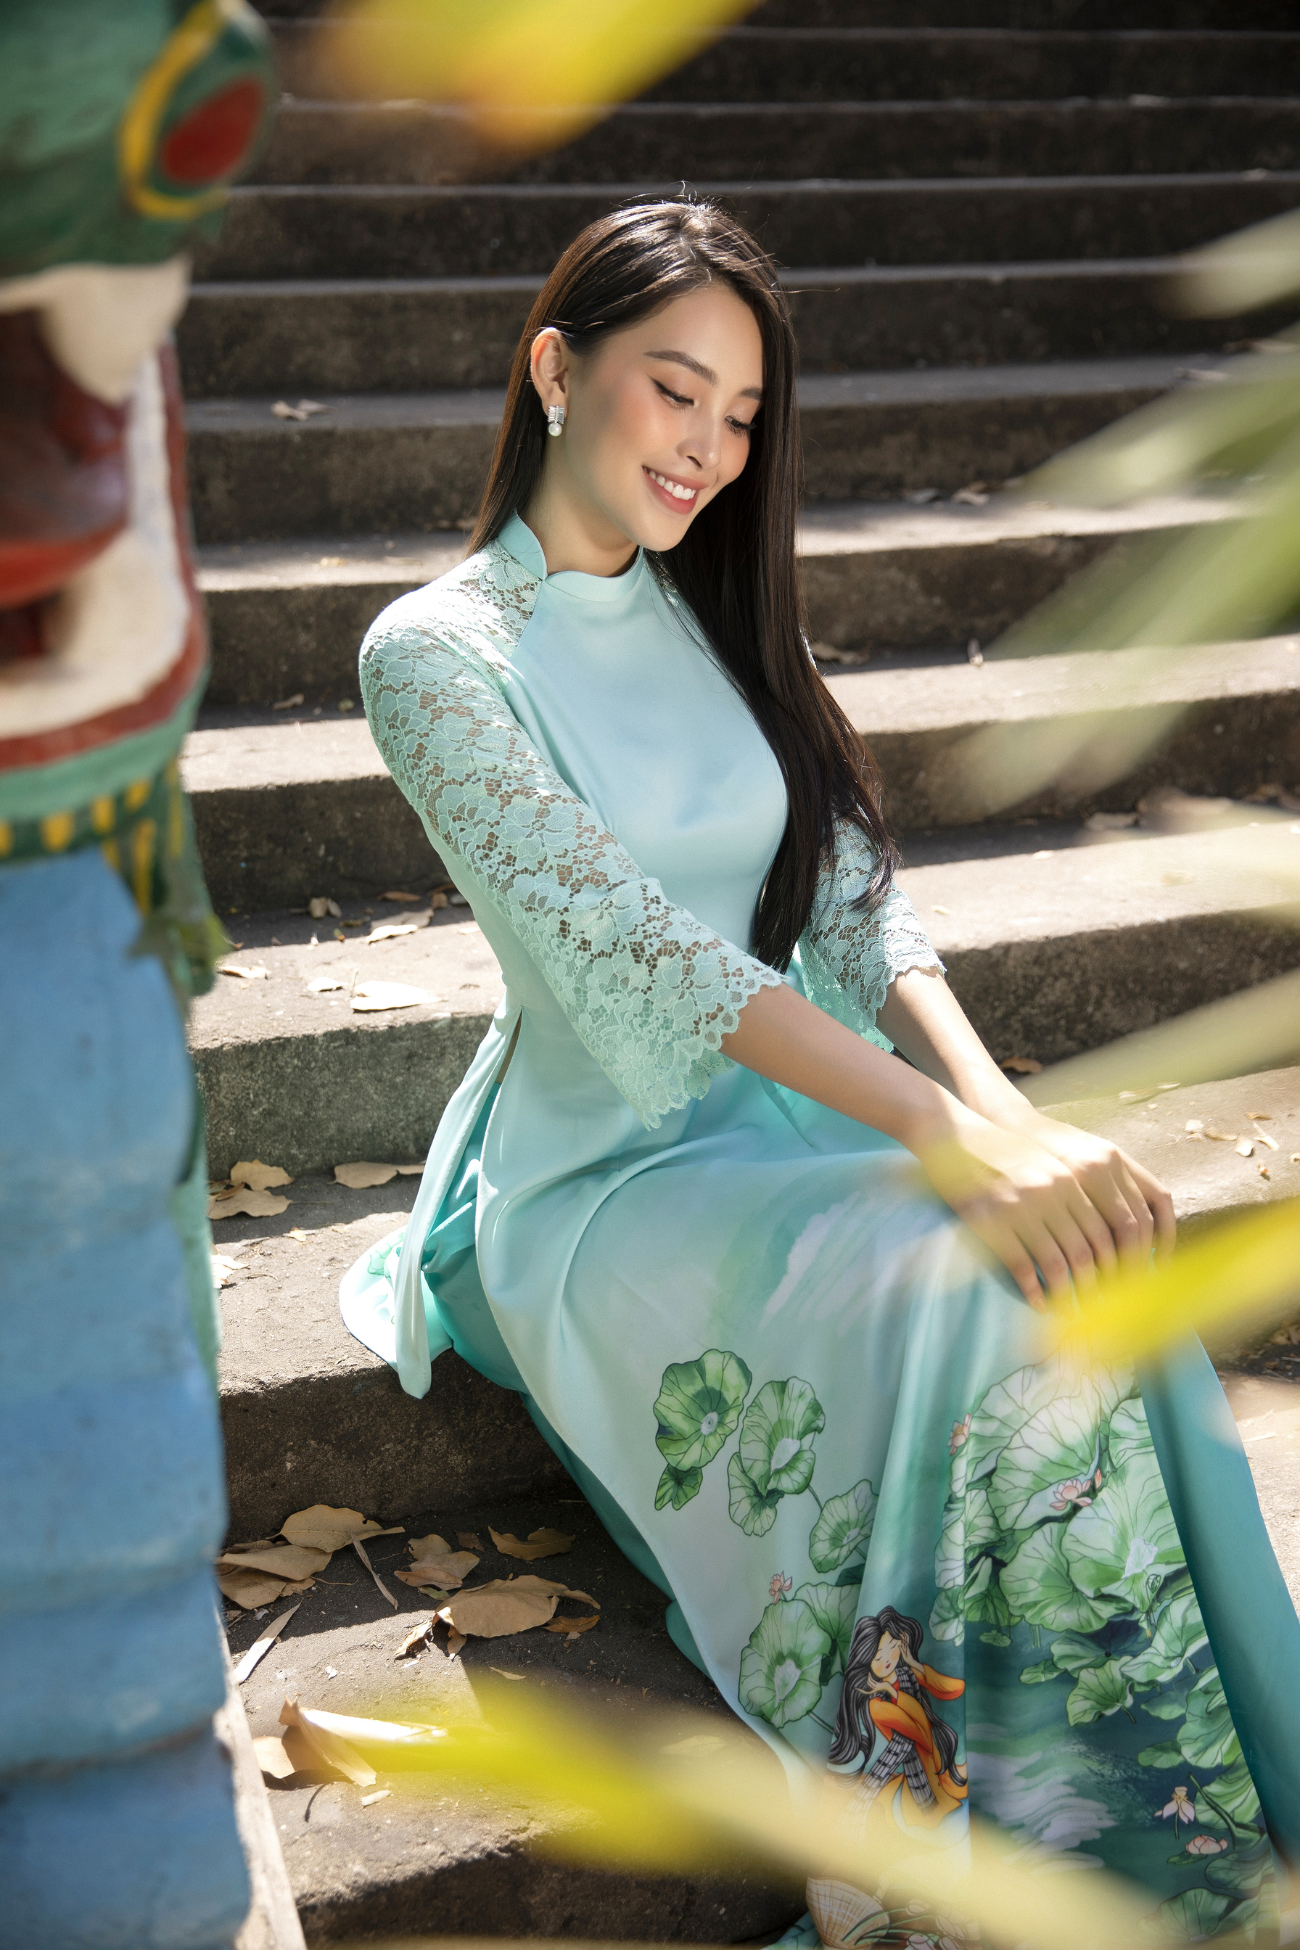 Hoa hậu Tiểu Vy khoe nhan sắc 'cực phẩm', đẹp tựa nàng thơ mùa xuân với áo dài Tết ảnh 6